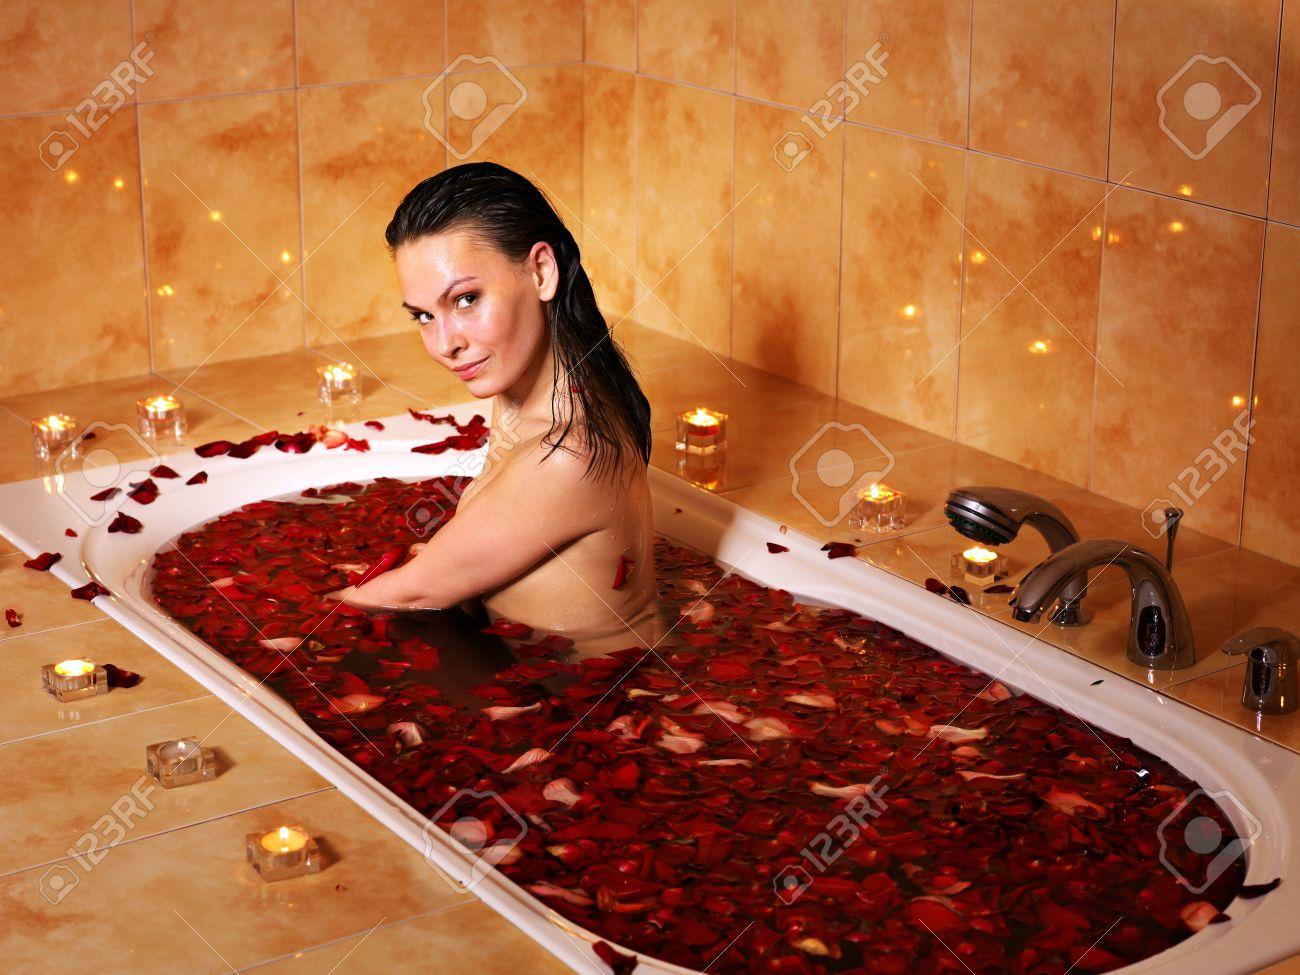 Фото бесплатно девушки в ванной 20 фотография